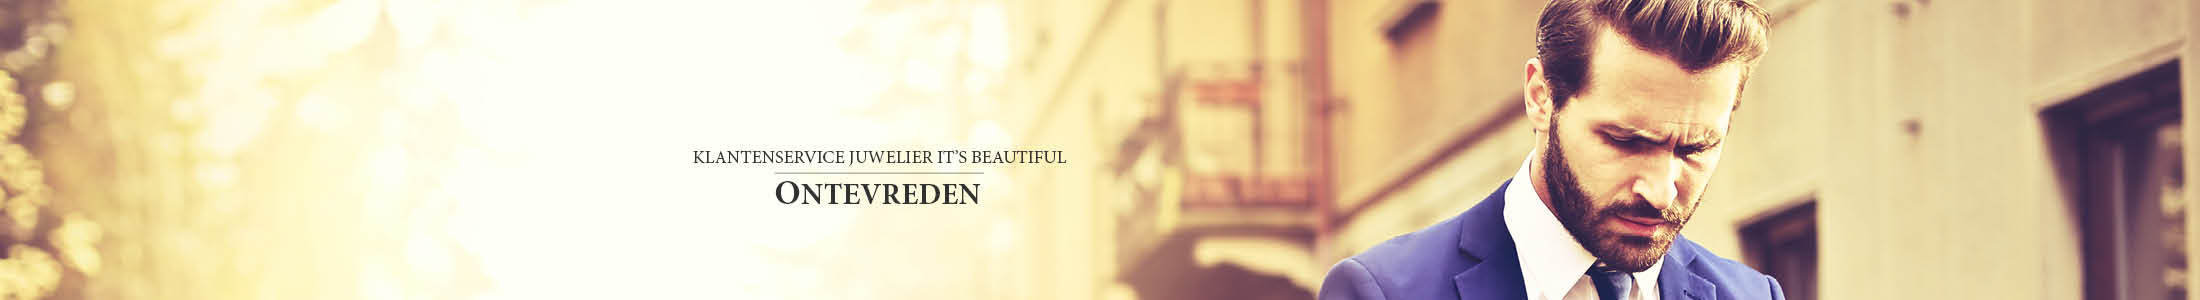 Klantenservice Juwelier It's Beautiful - Ontevreden